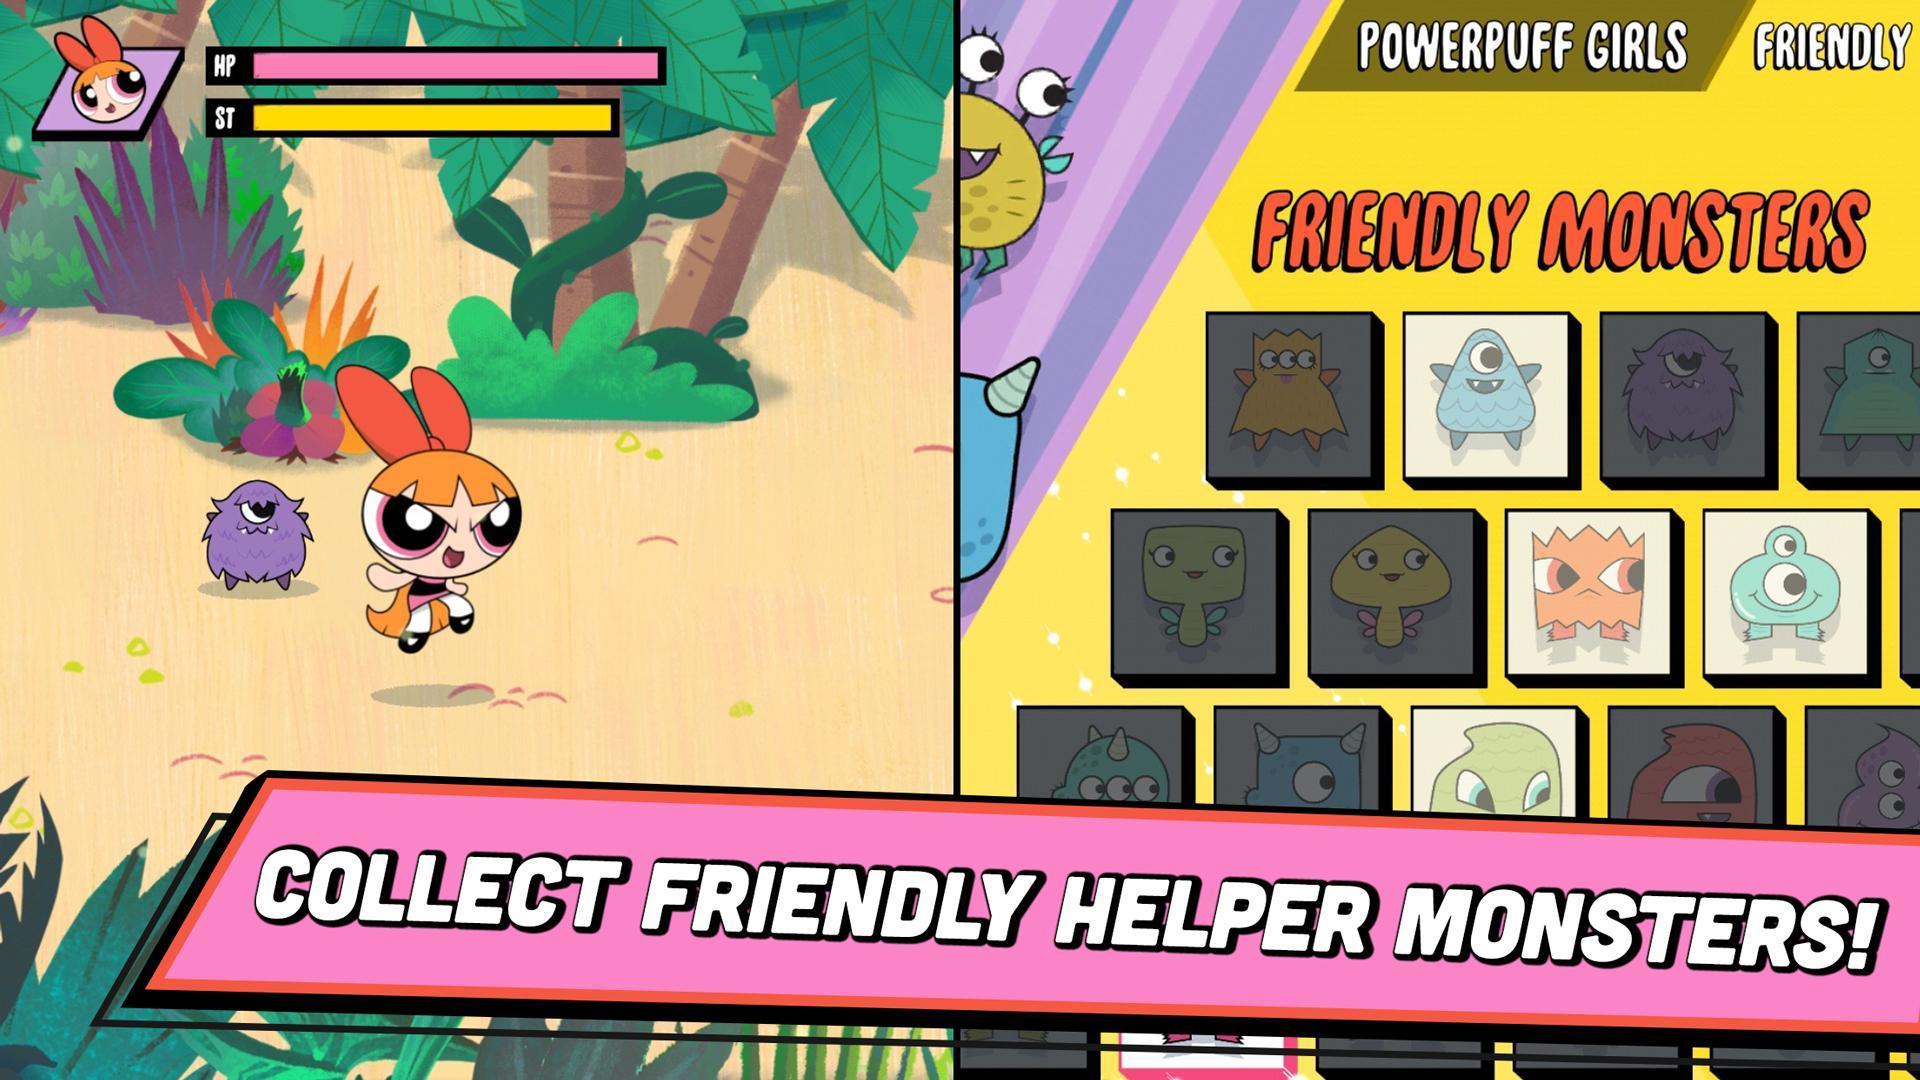 Ready, Set, Monsters! Powerpuff Girls Games 1.0.2 Screenshot 9